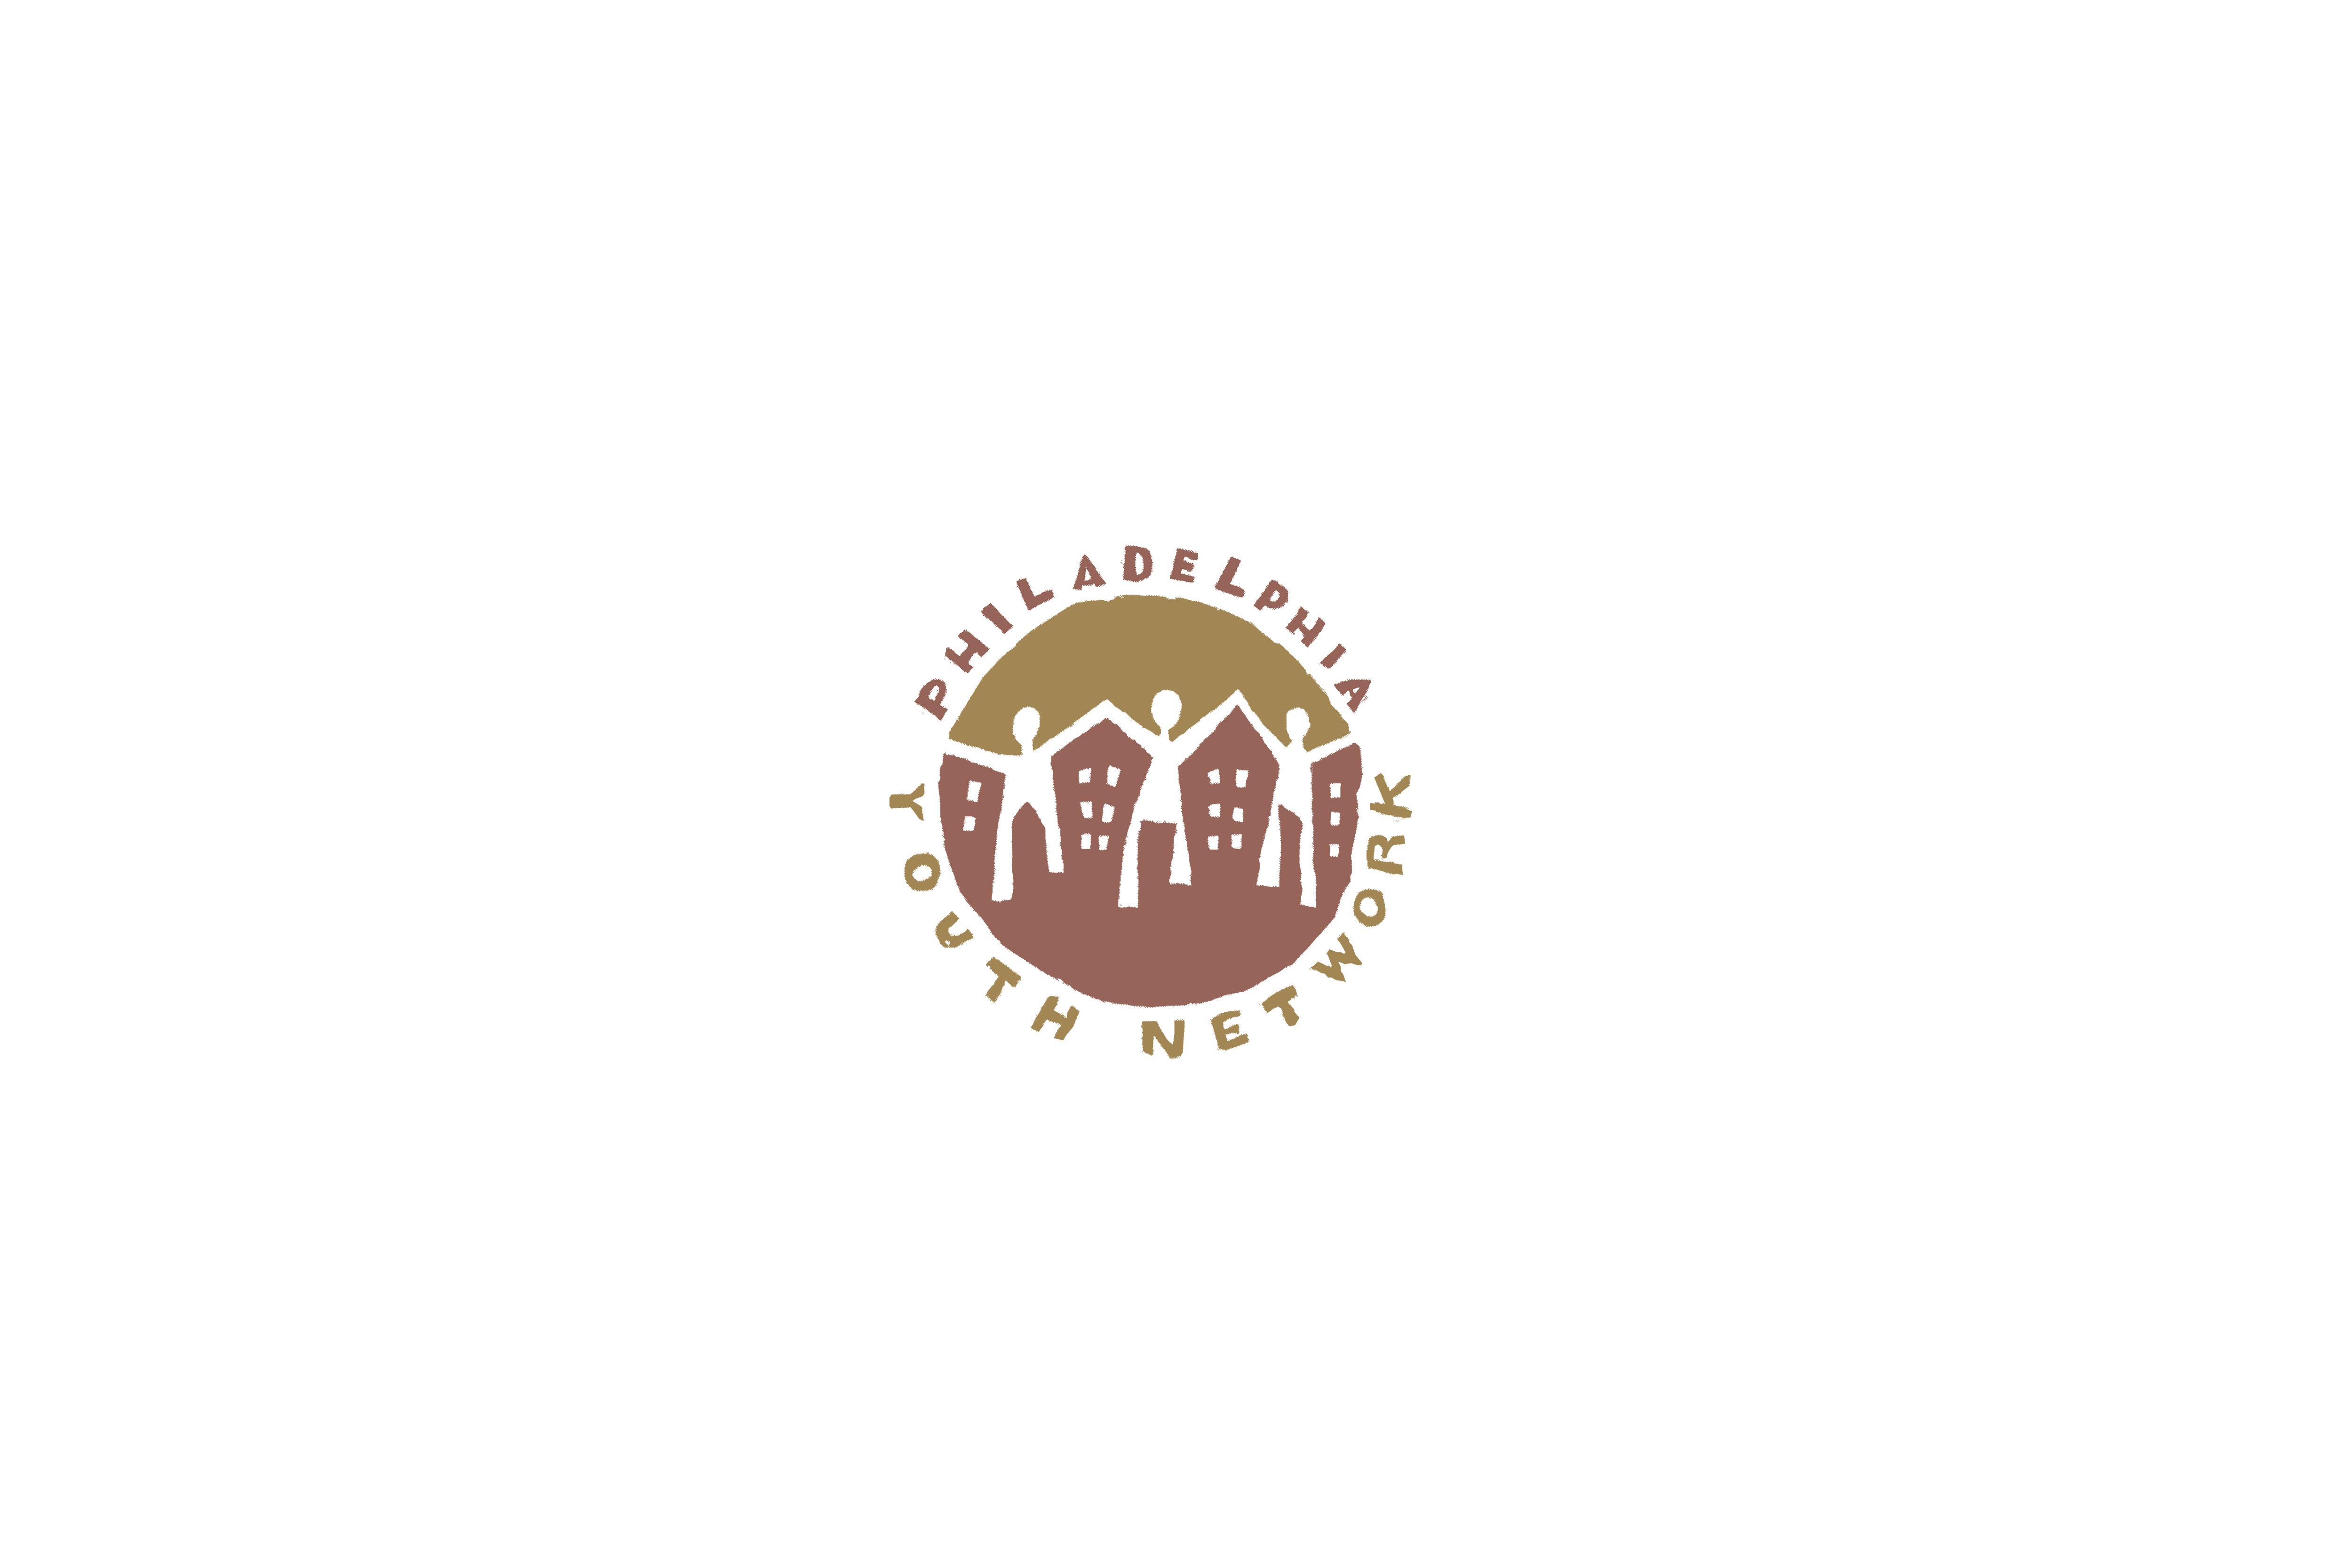 Logos2.011